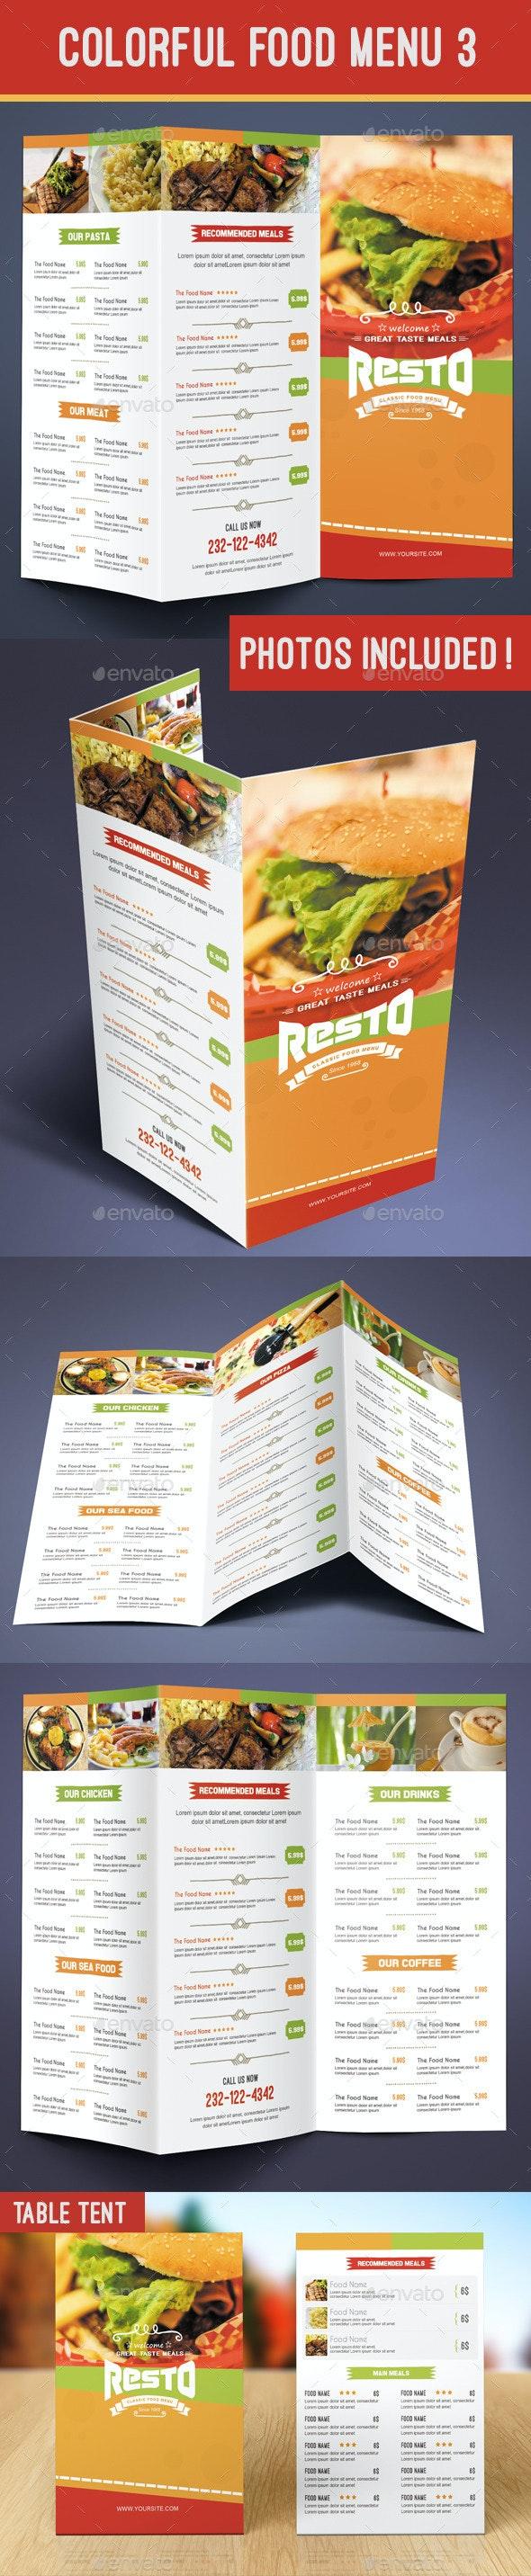 Colorful Food Menu 3 - table tent - Food Menus Print Templates